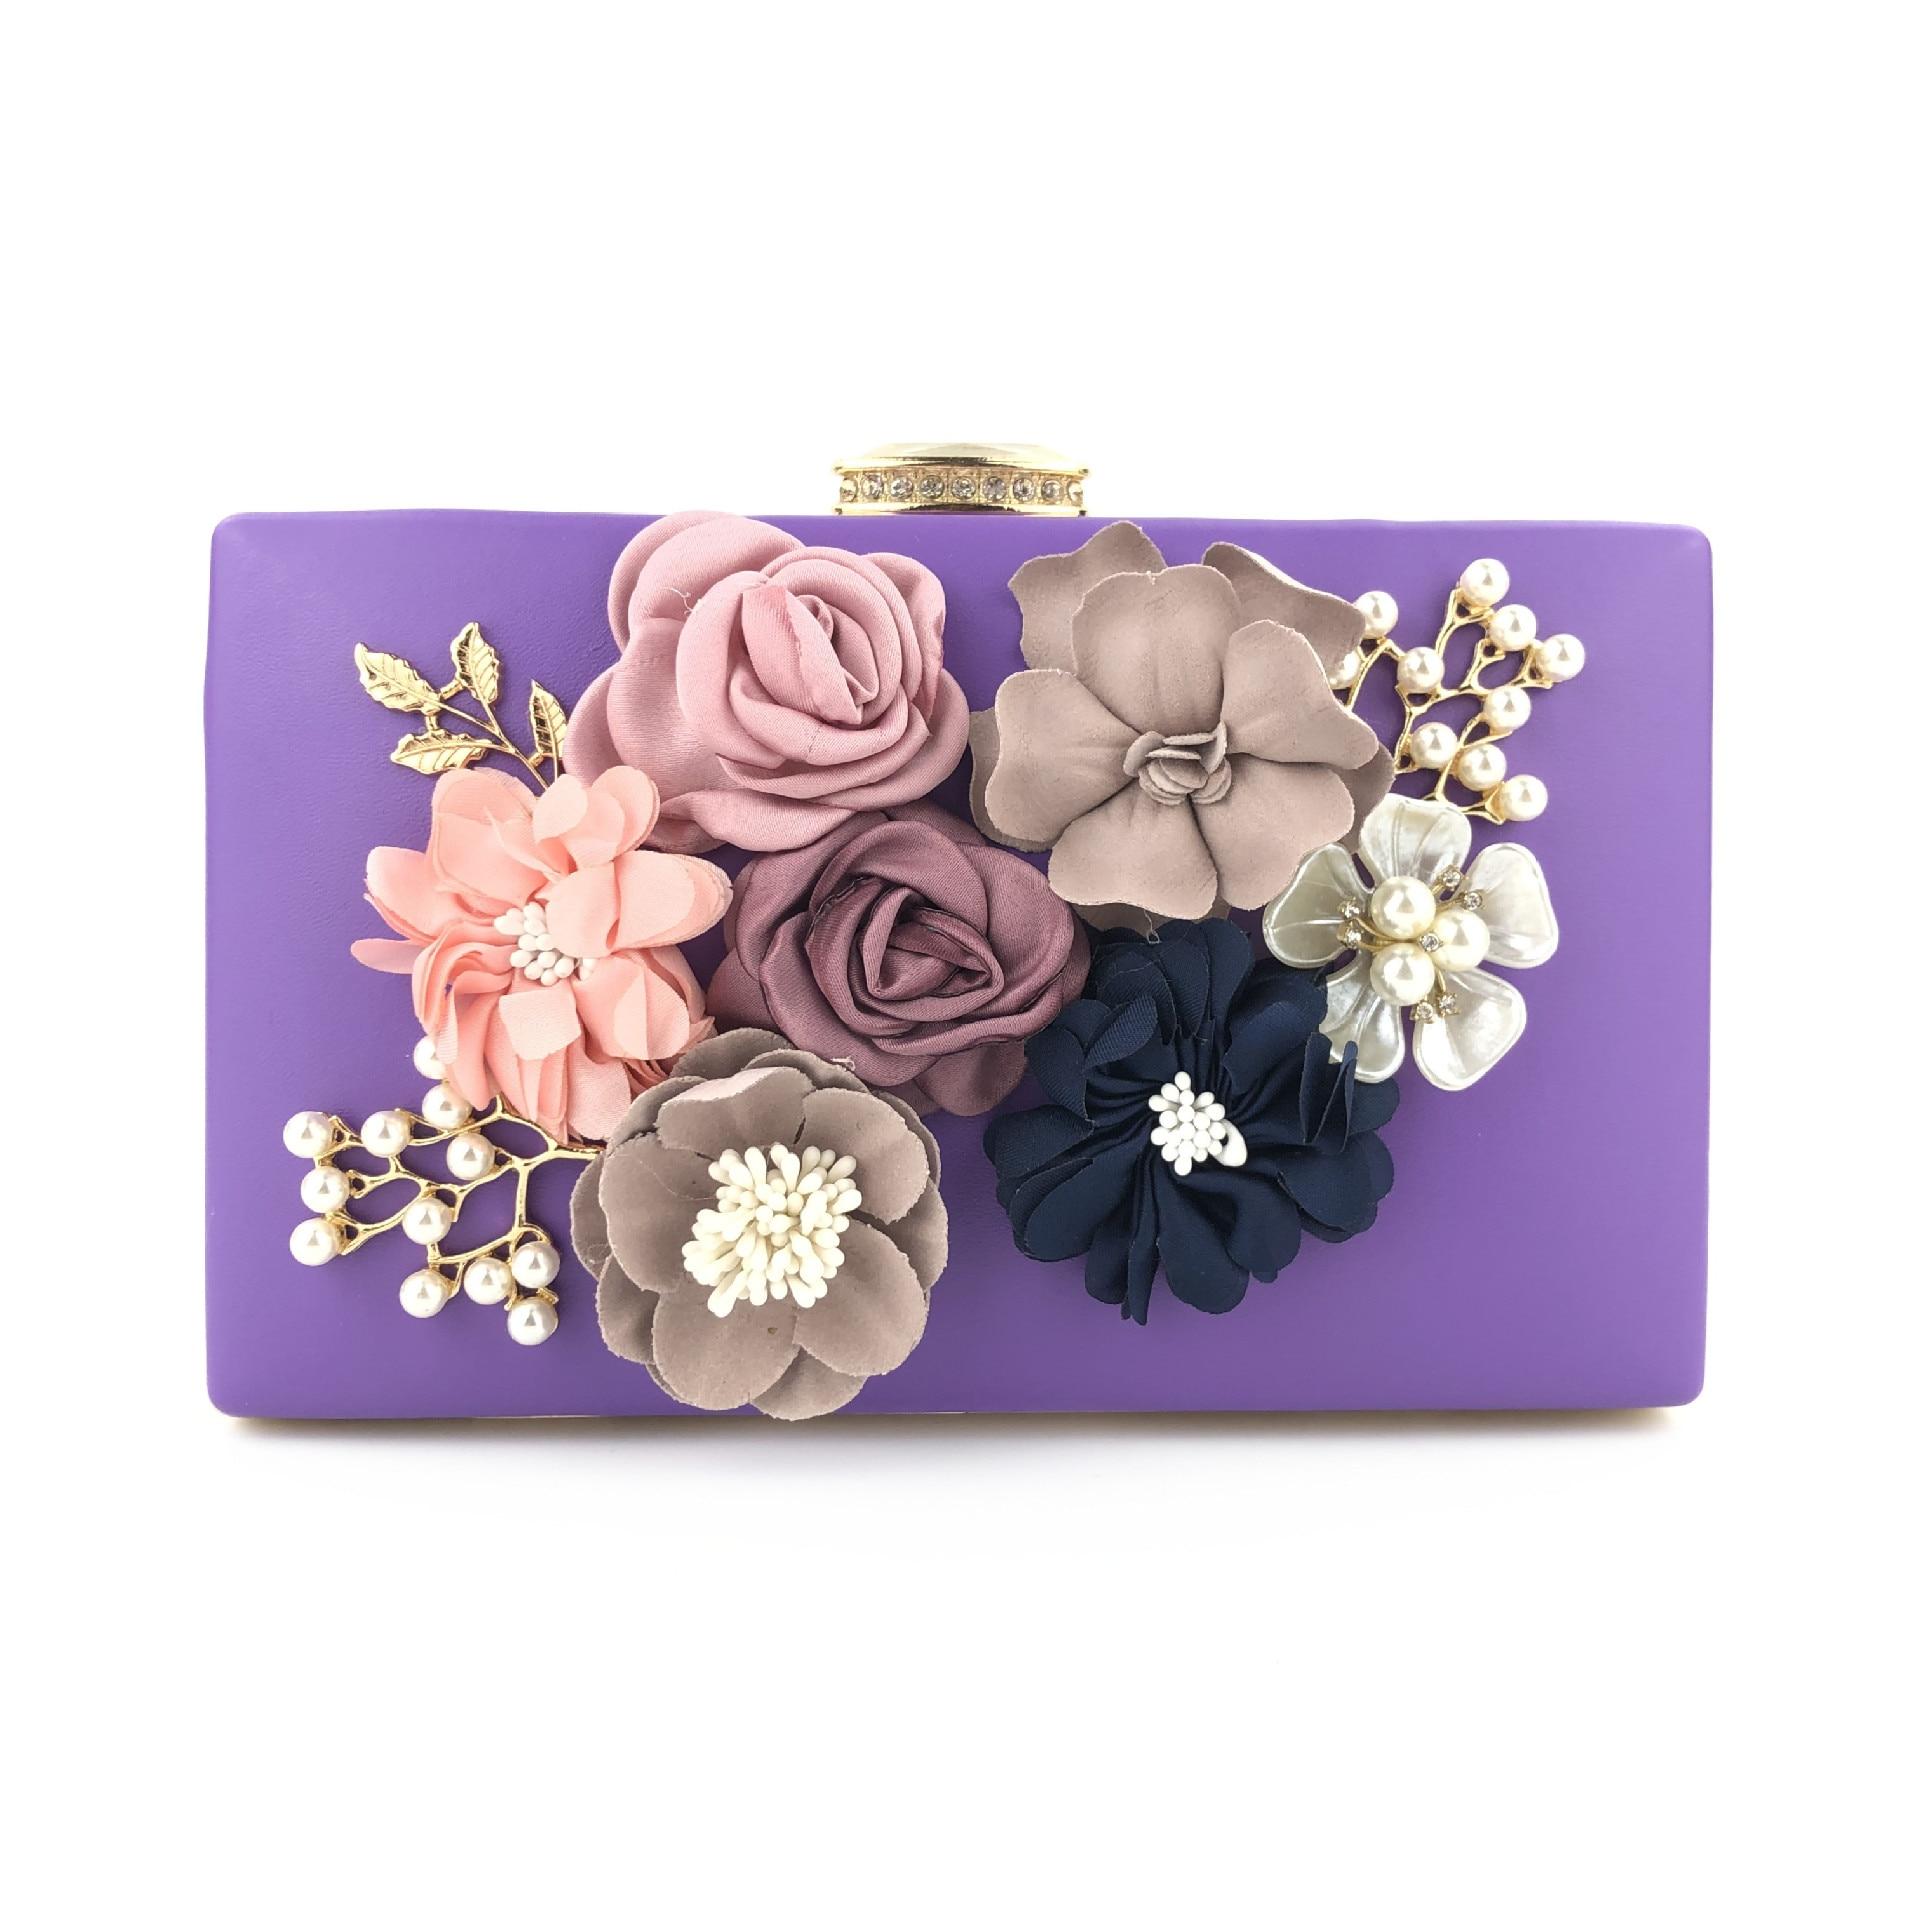 XIYUAN-Bolso de noche con flores para Mujer, Cartera de mano femenina con...